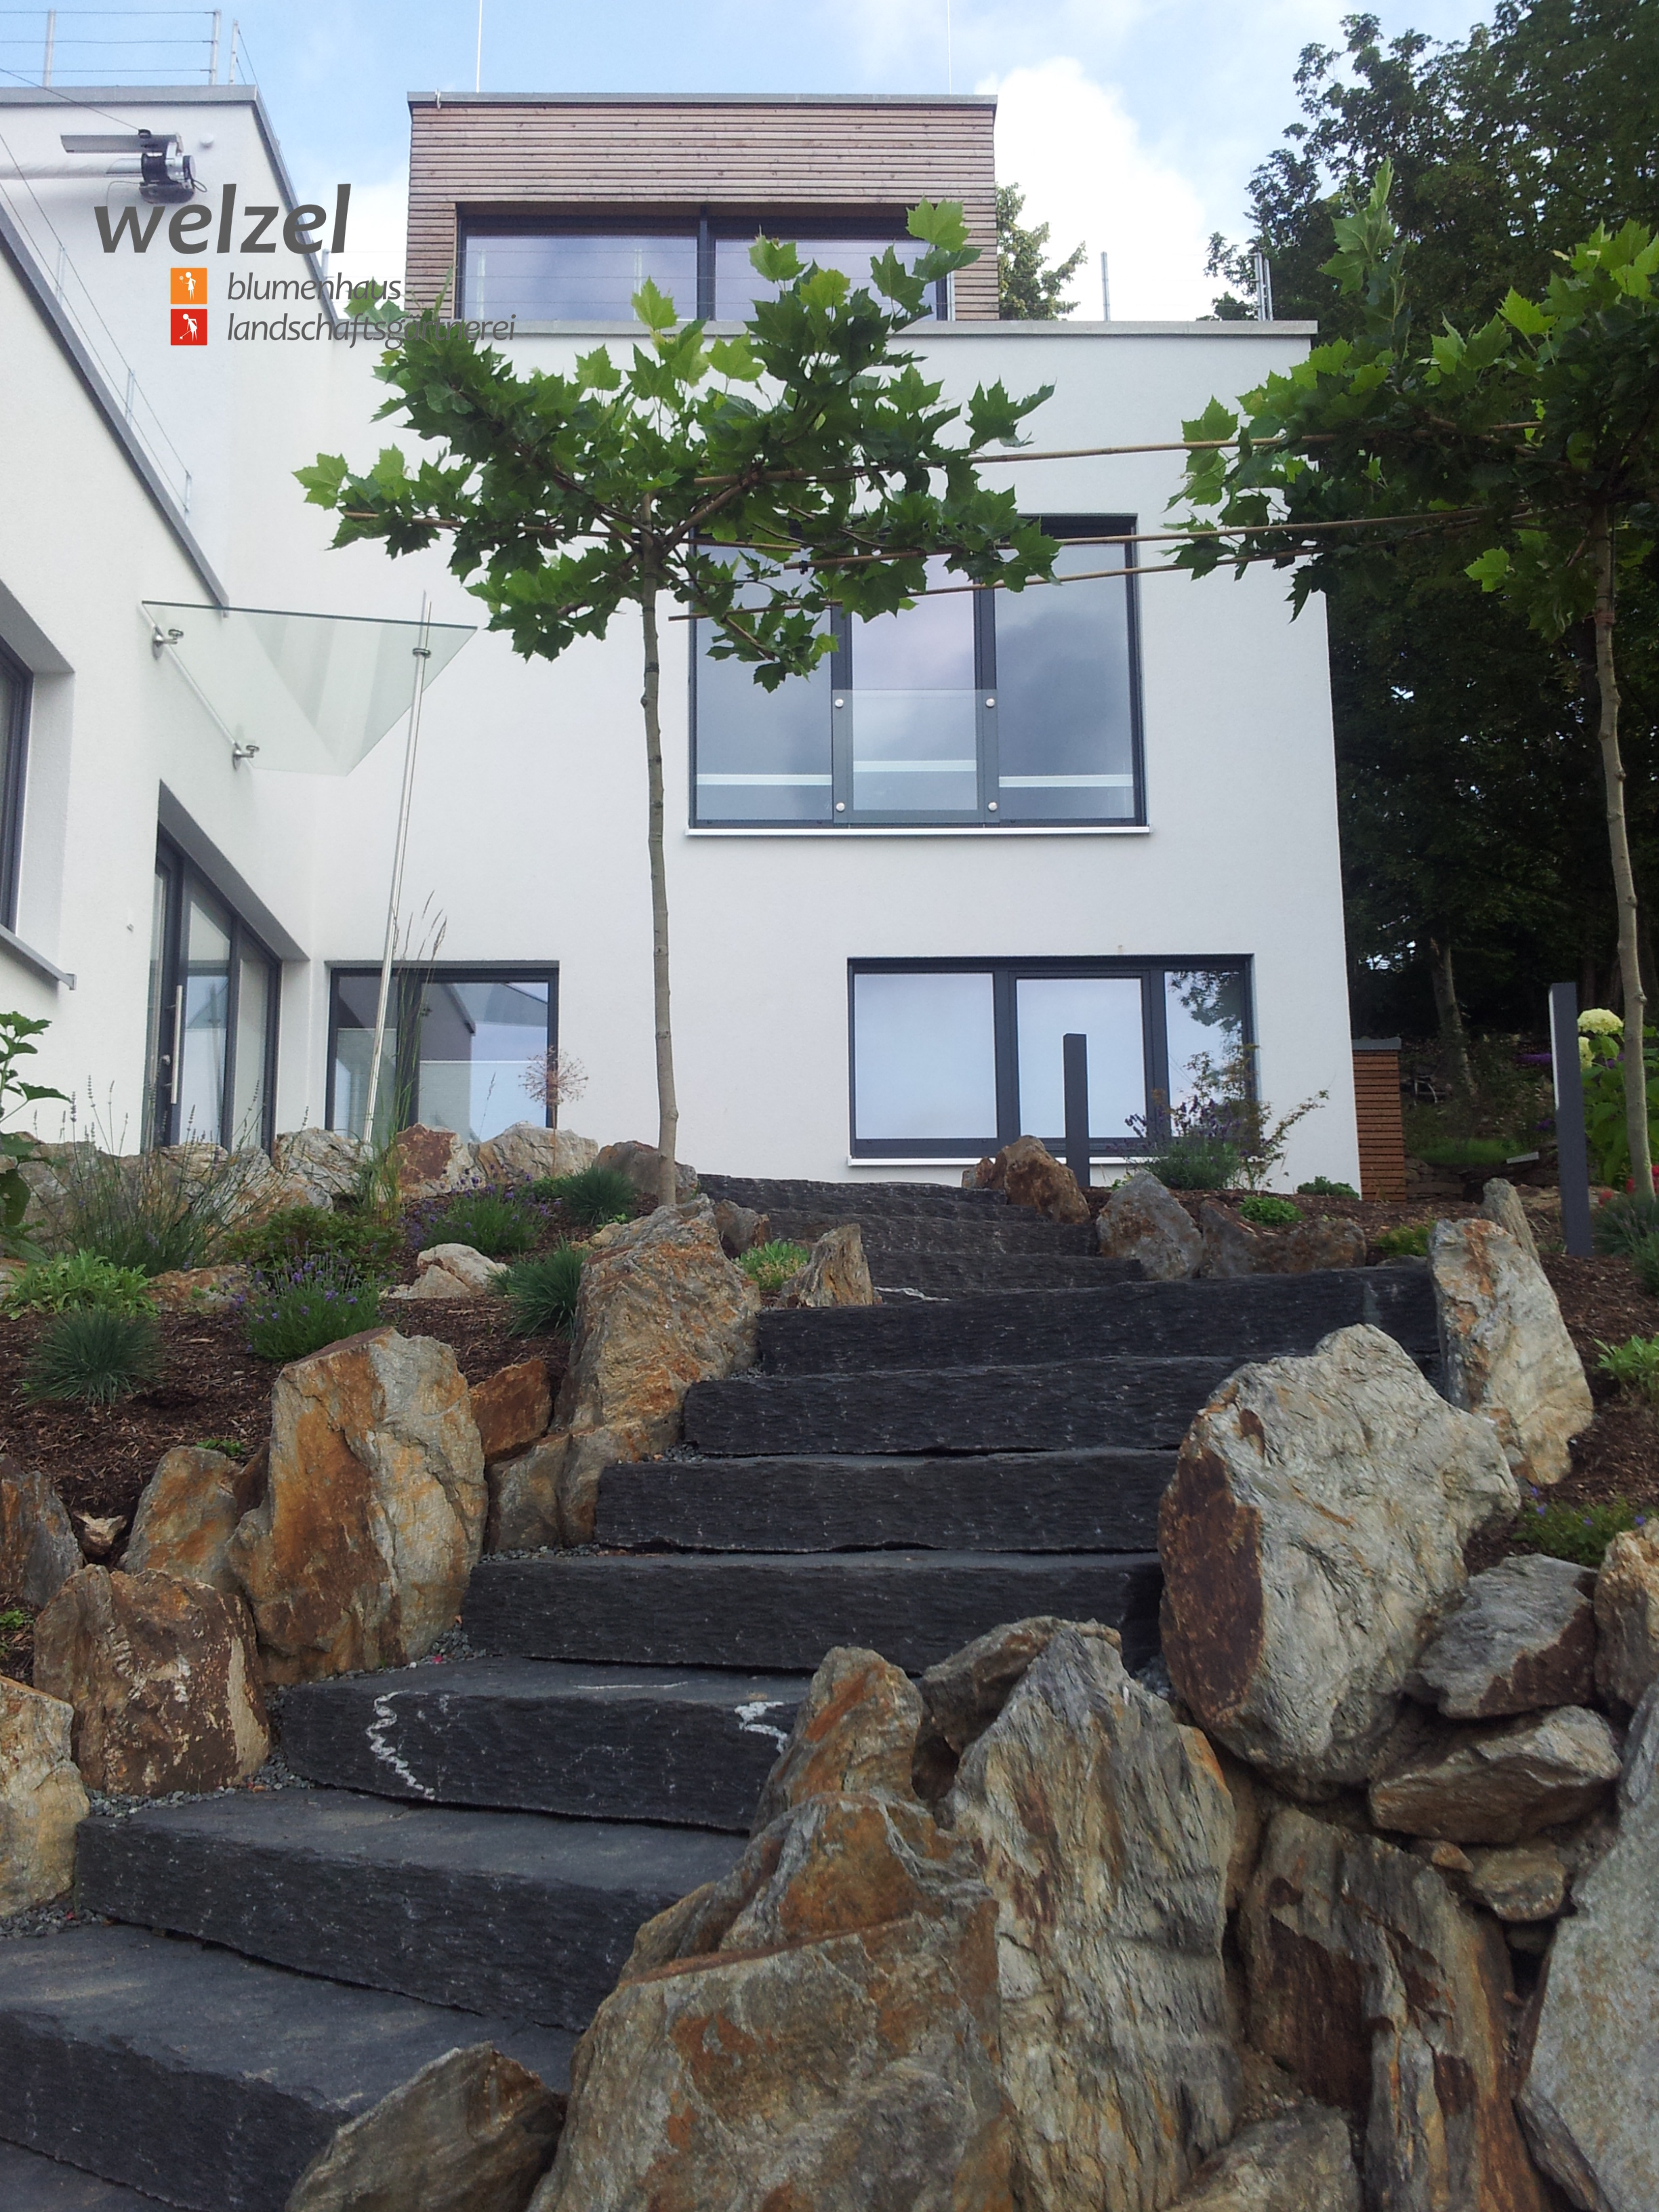 Bauhaus trifft naturstein for Bauhaus naturstein verblender